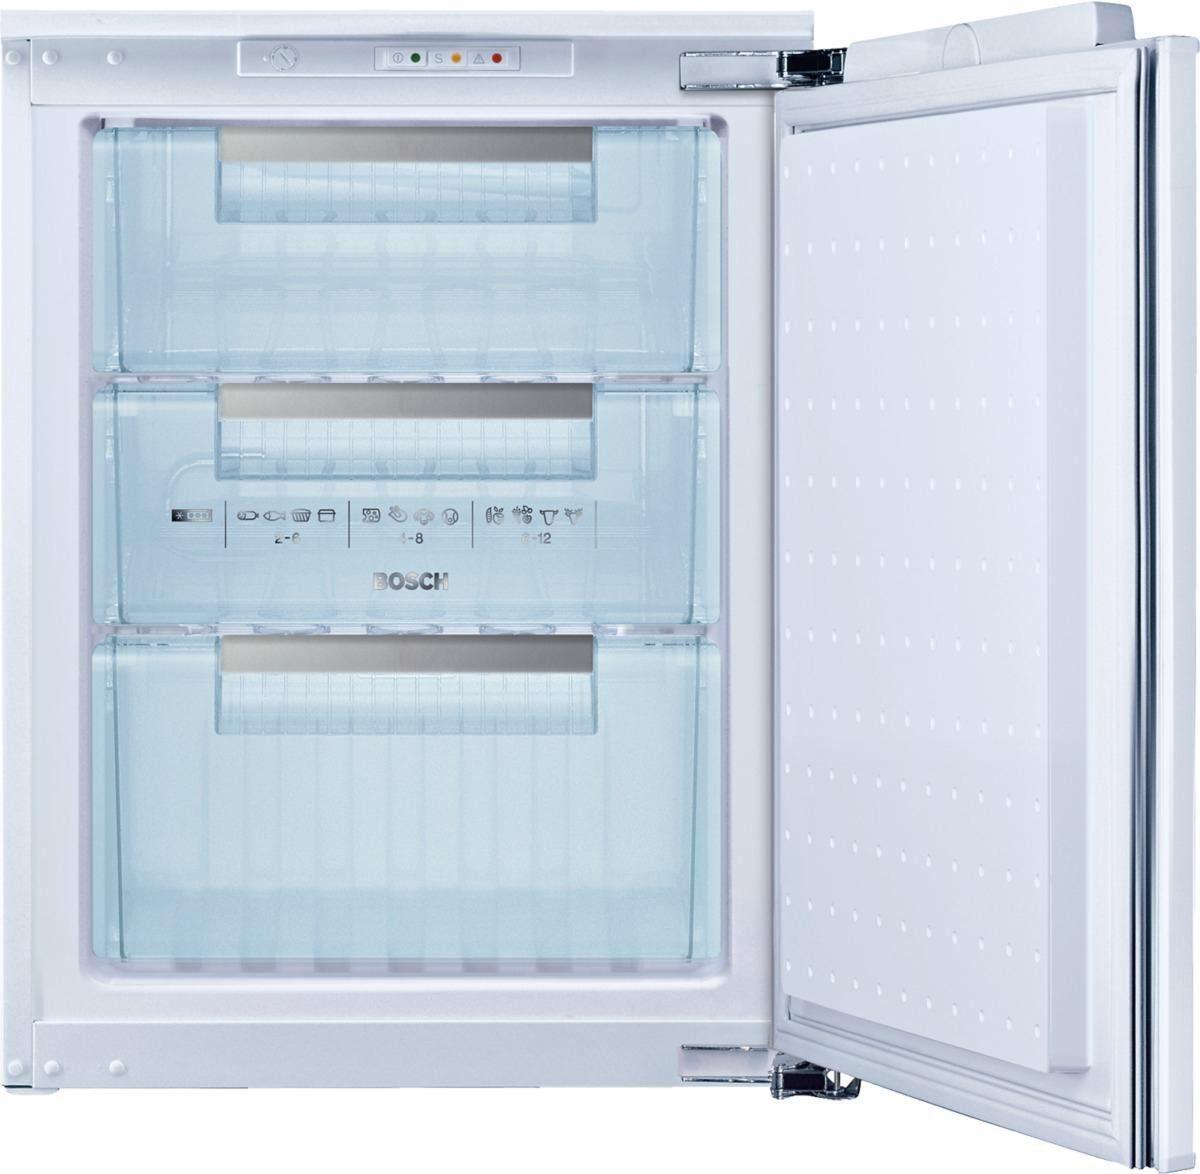 Bosch Einbau-Gefrierschrank GID14A50, Energieklasse A+, 72 cm hoch